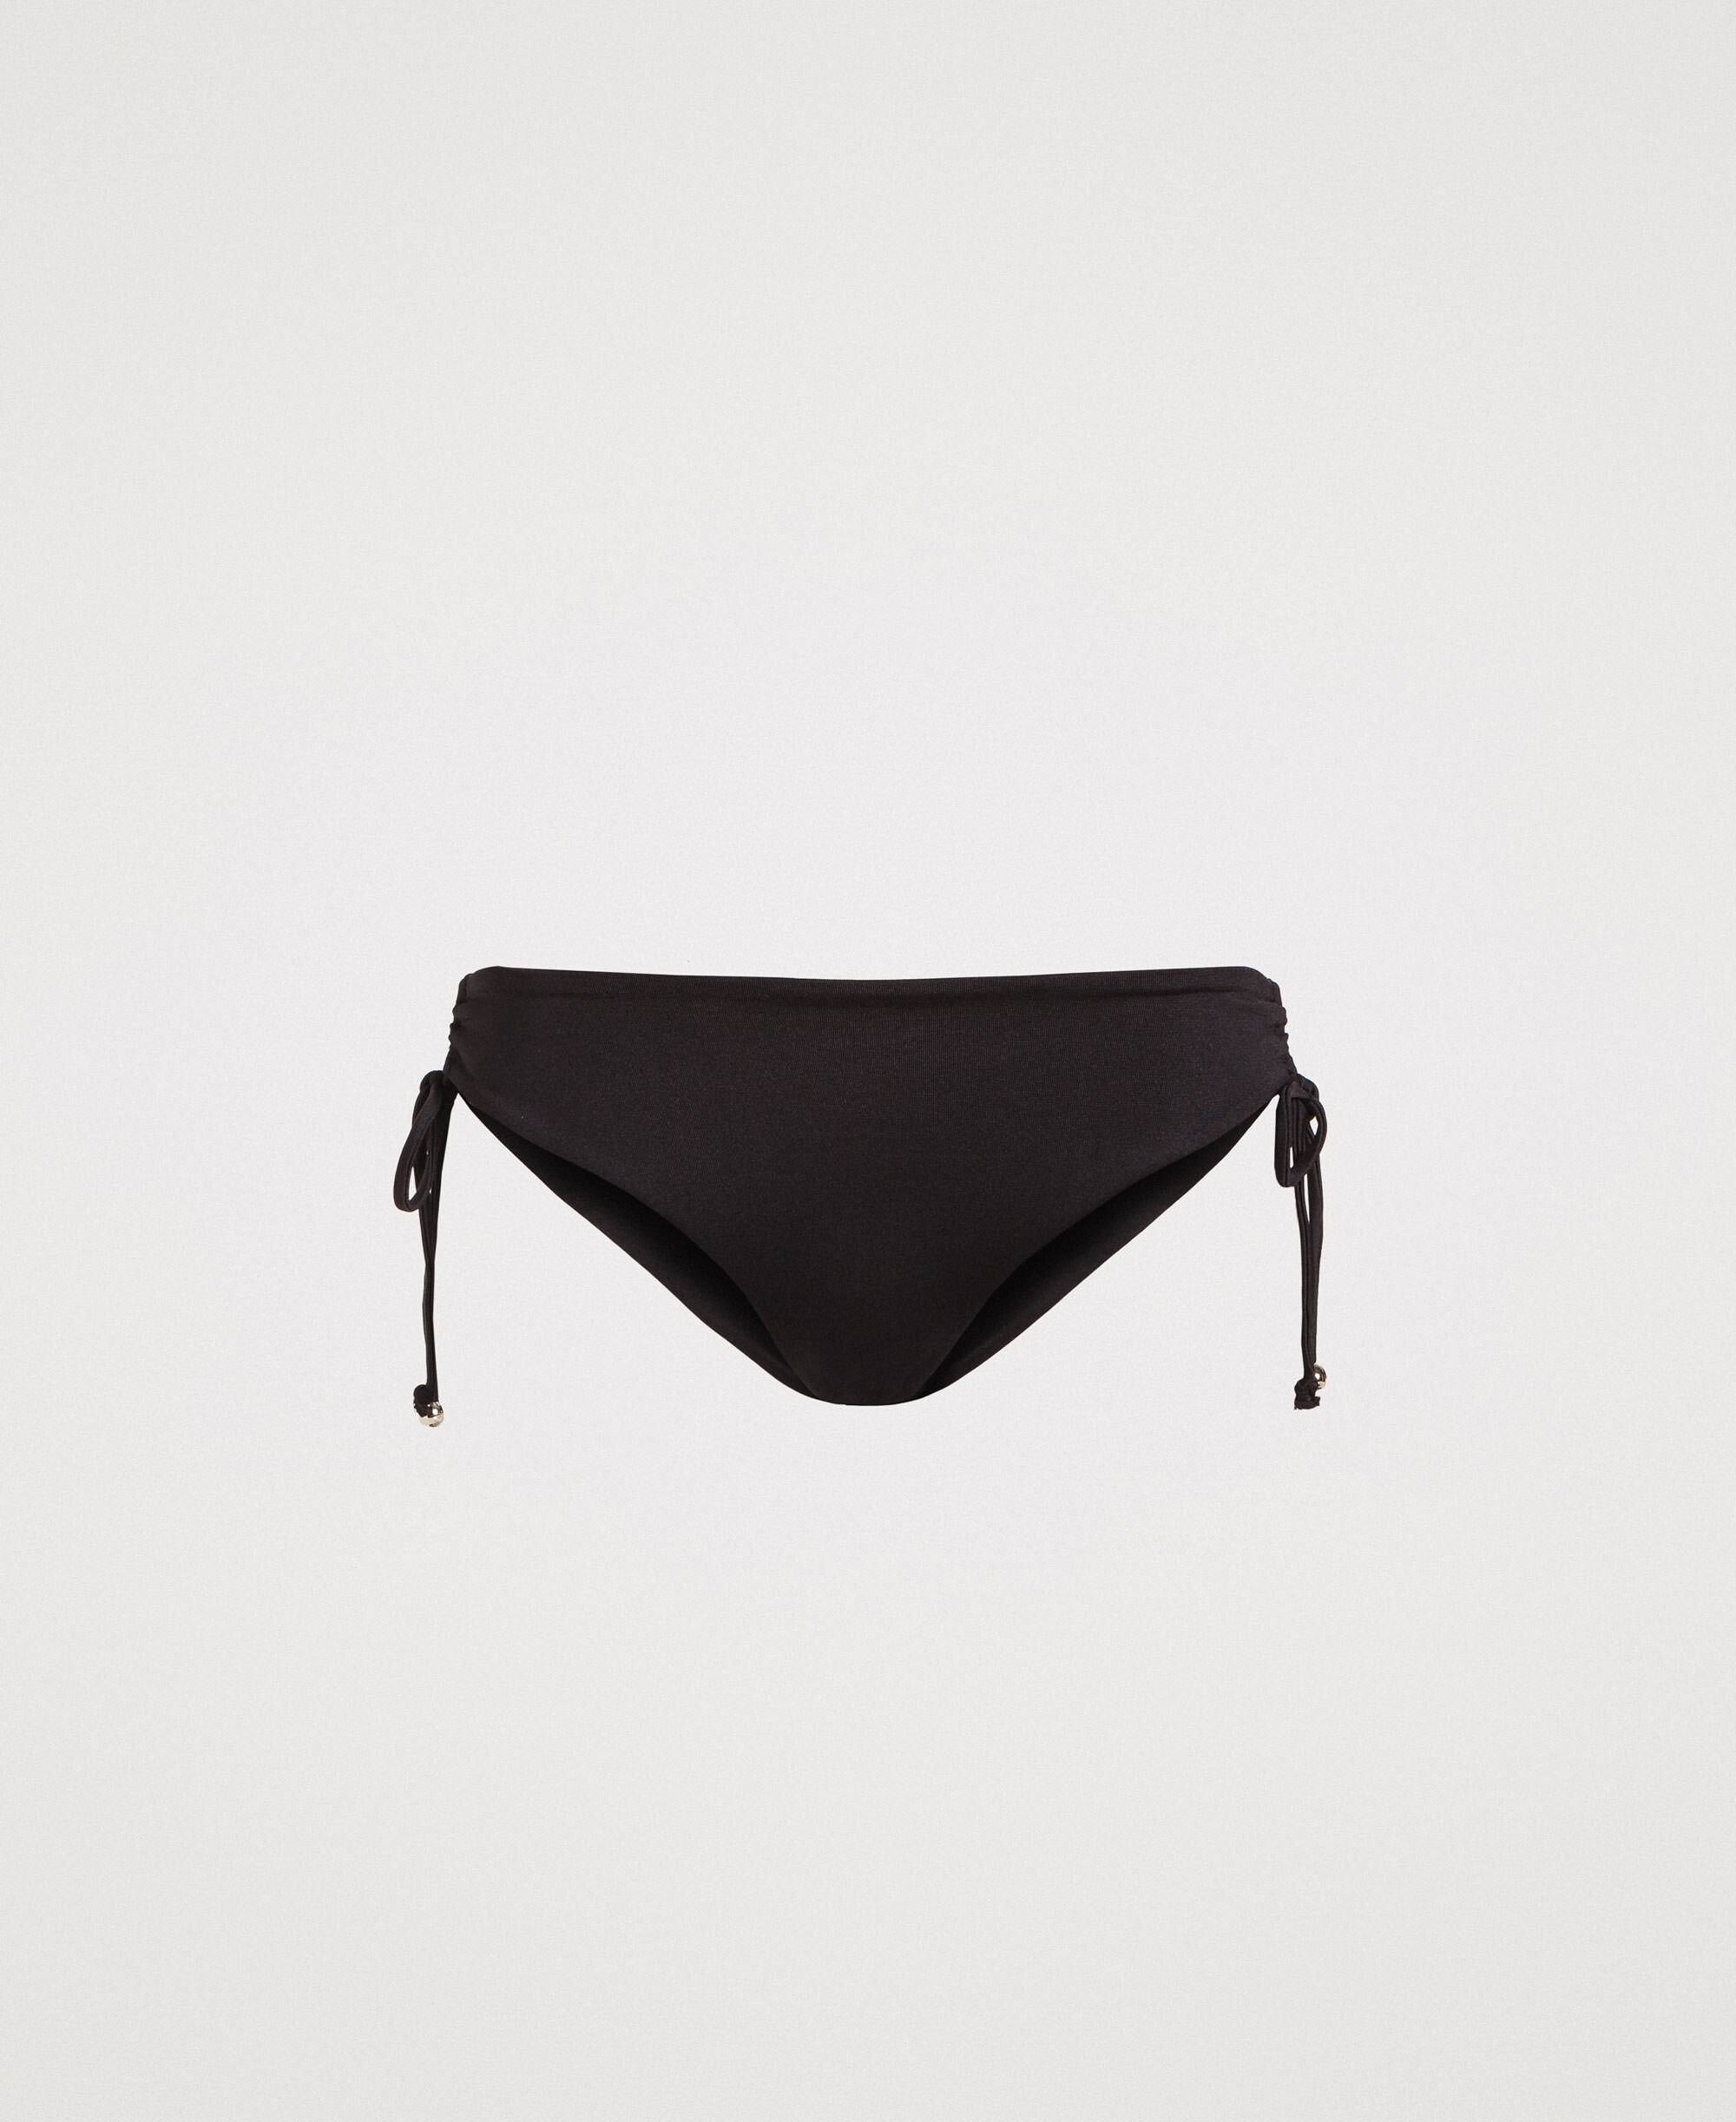 56d6ec33a4bd Braga de bikini con cordón ajustable a un lado Mujer, Negro ...